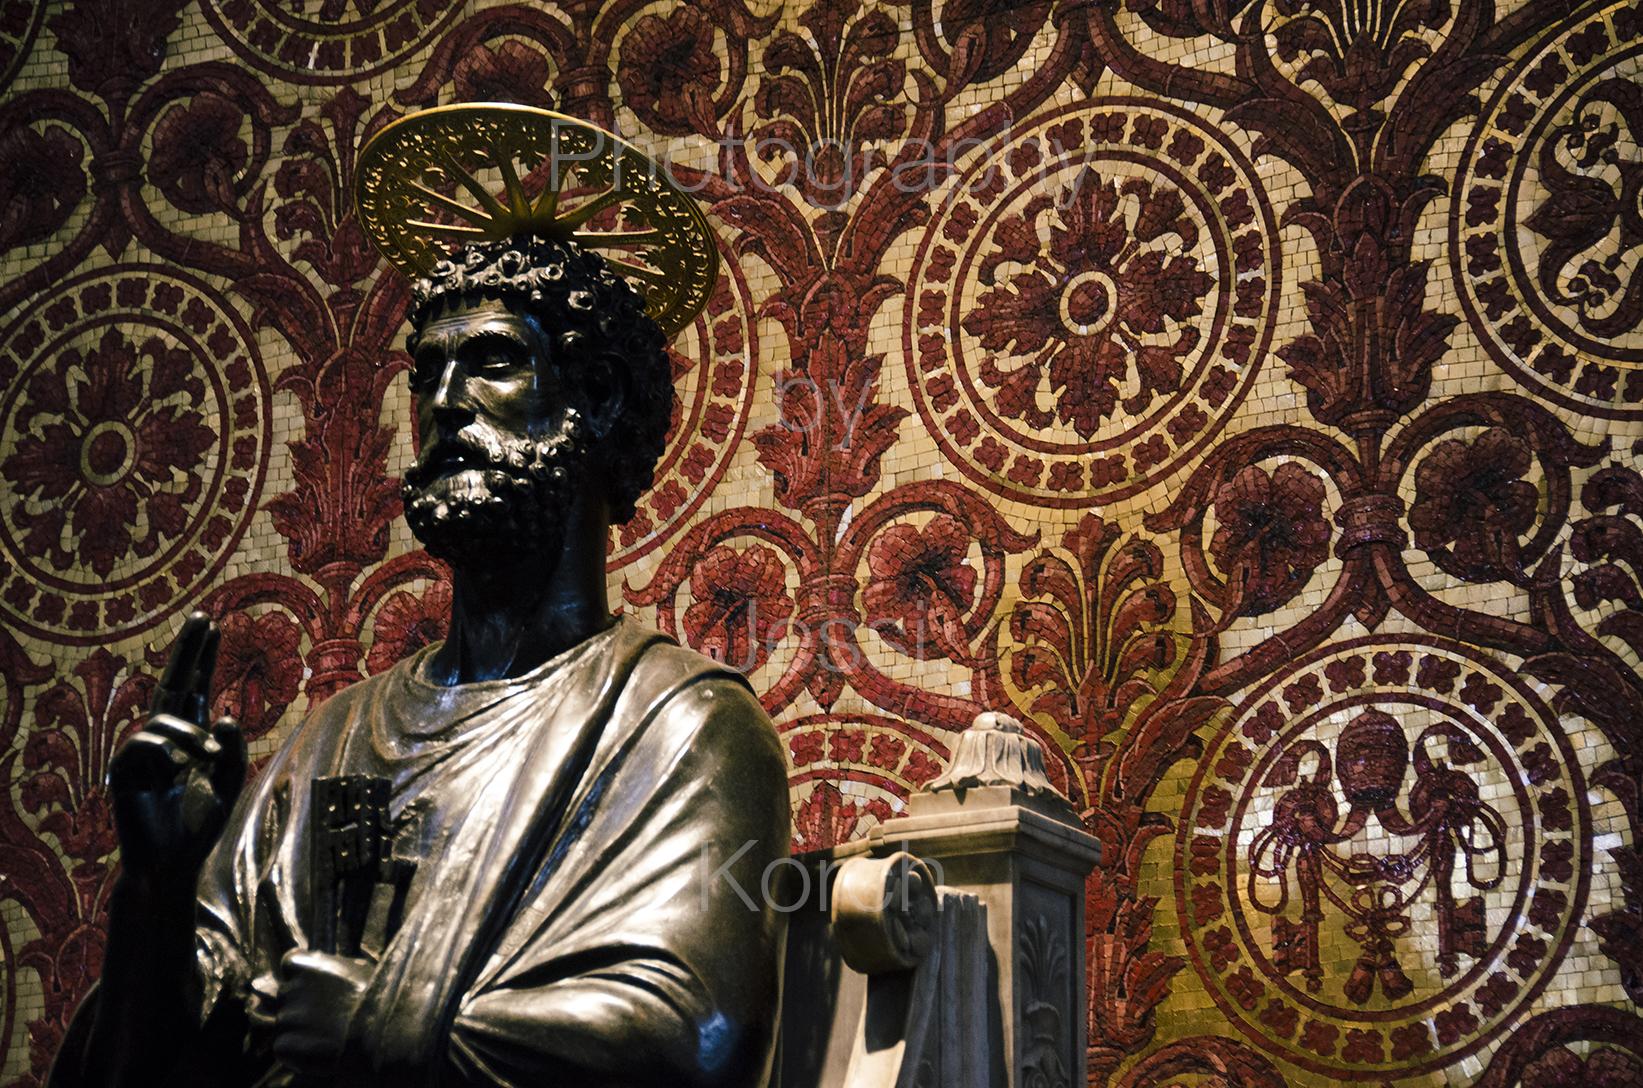 St. Peter's, Vatican